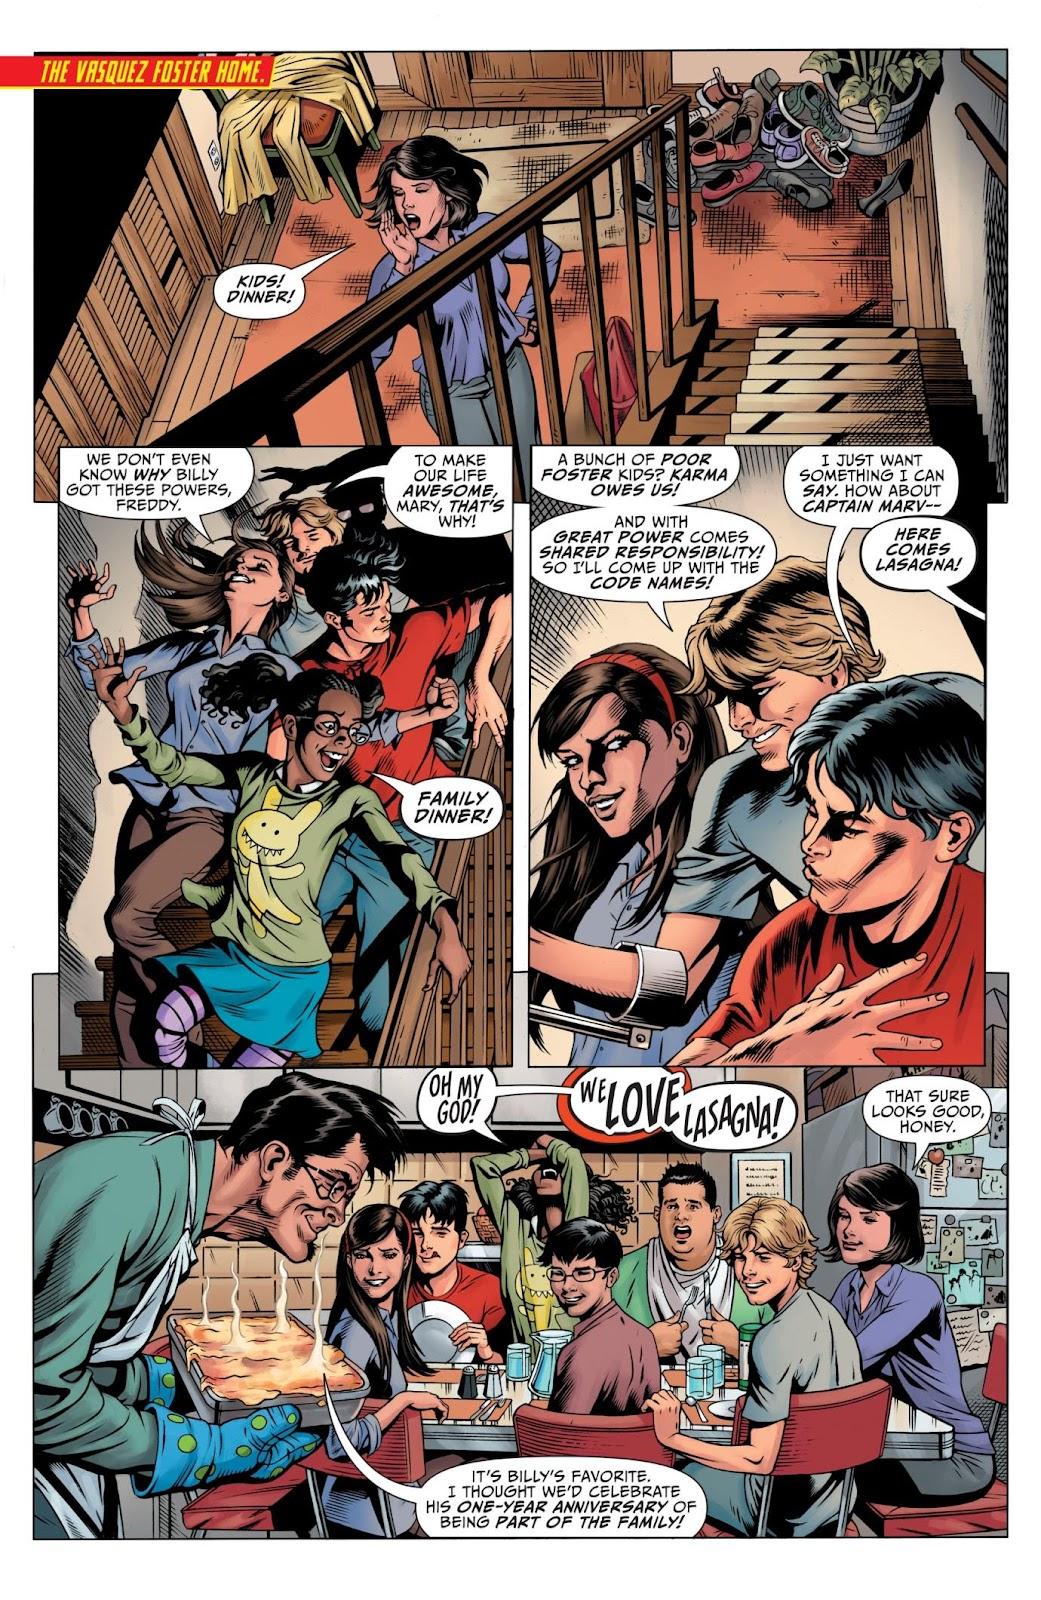 D:\Comics66\Shazam\shazam01\Shazam01pic\Shazam! (2018-) 001-012.jpg